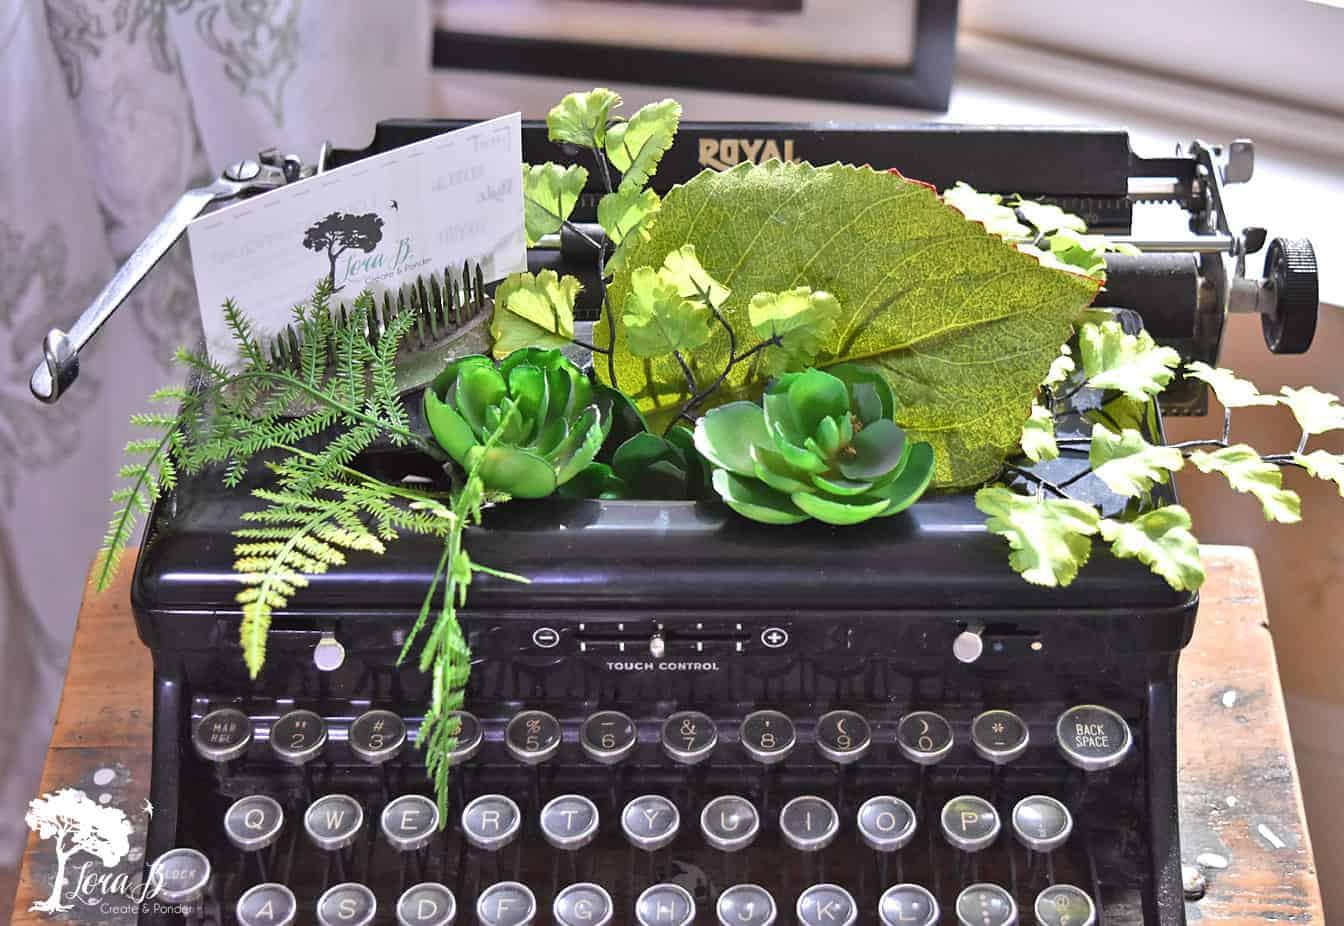 vintage Royal black typewriter